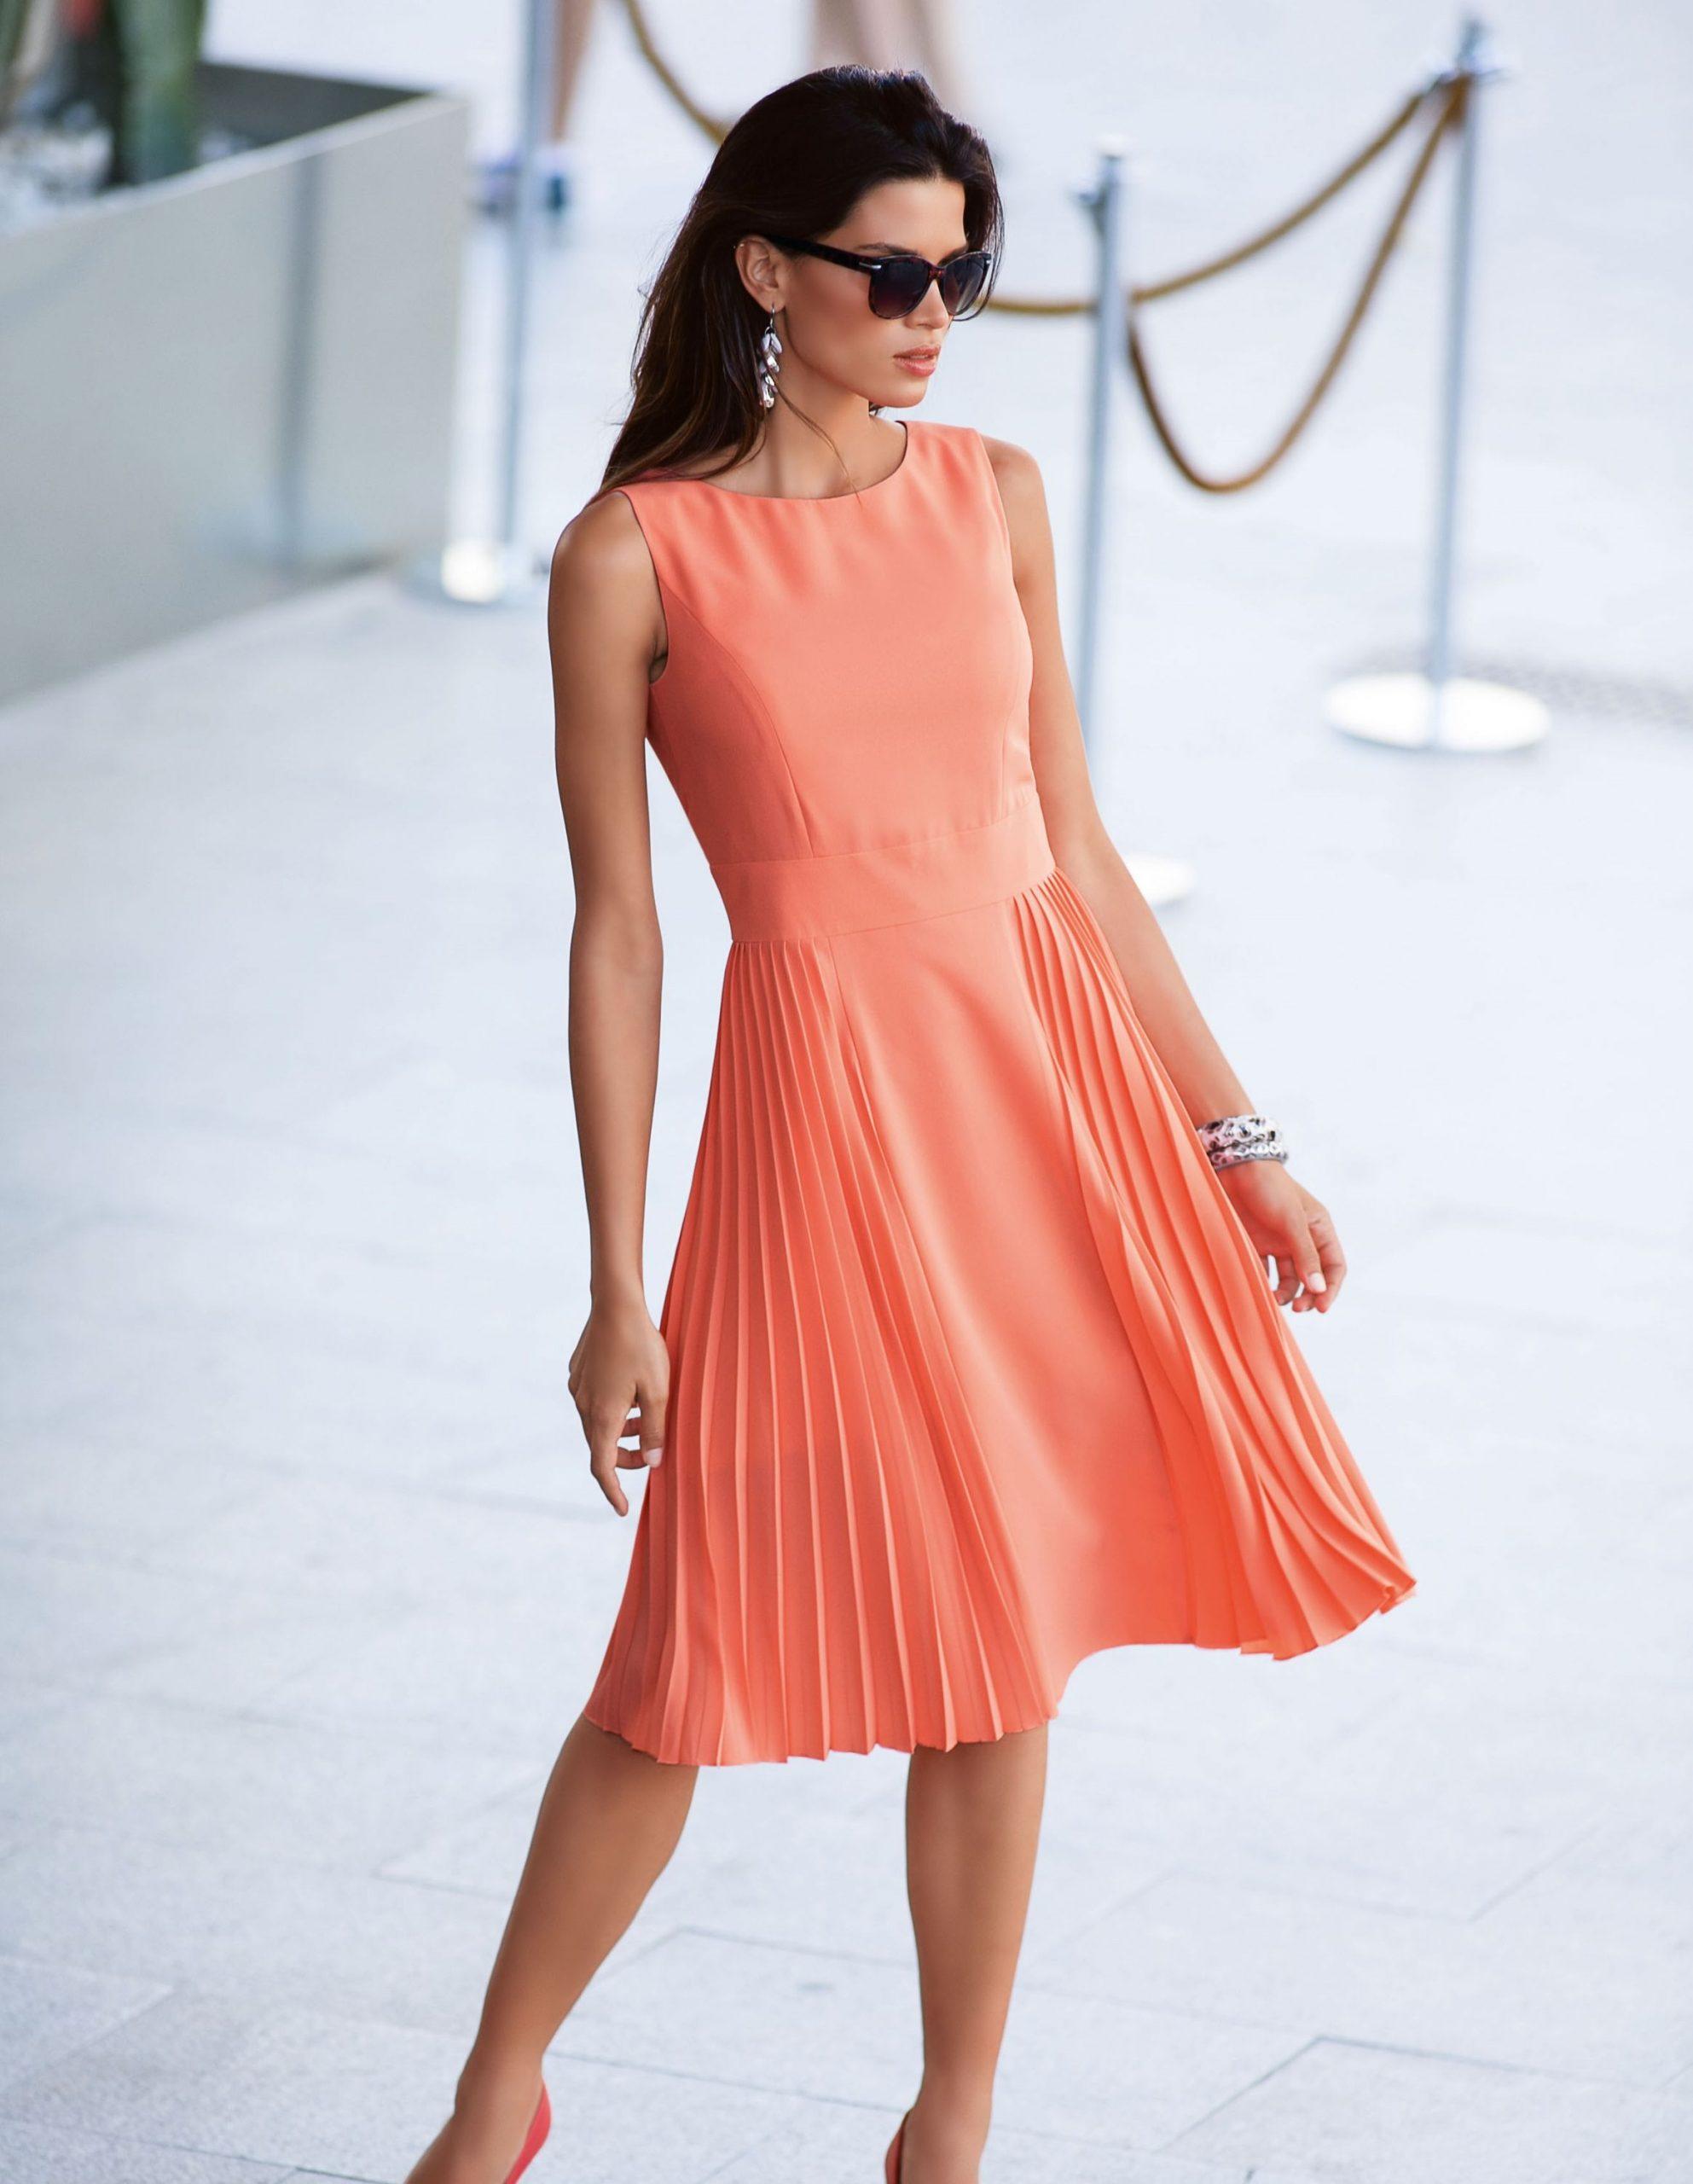 Kleid Mit Plisseefalten In Der Farbe Lachs - Im Madeleine - Abendkleid